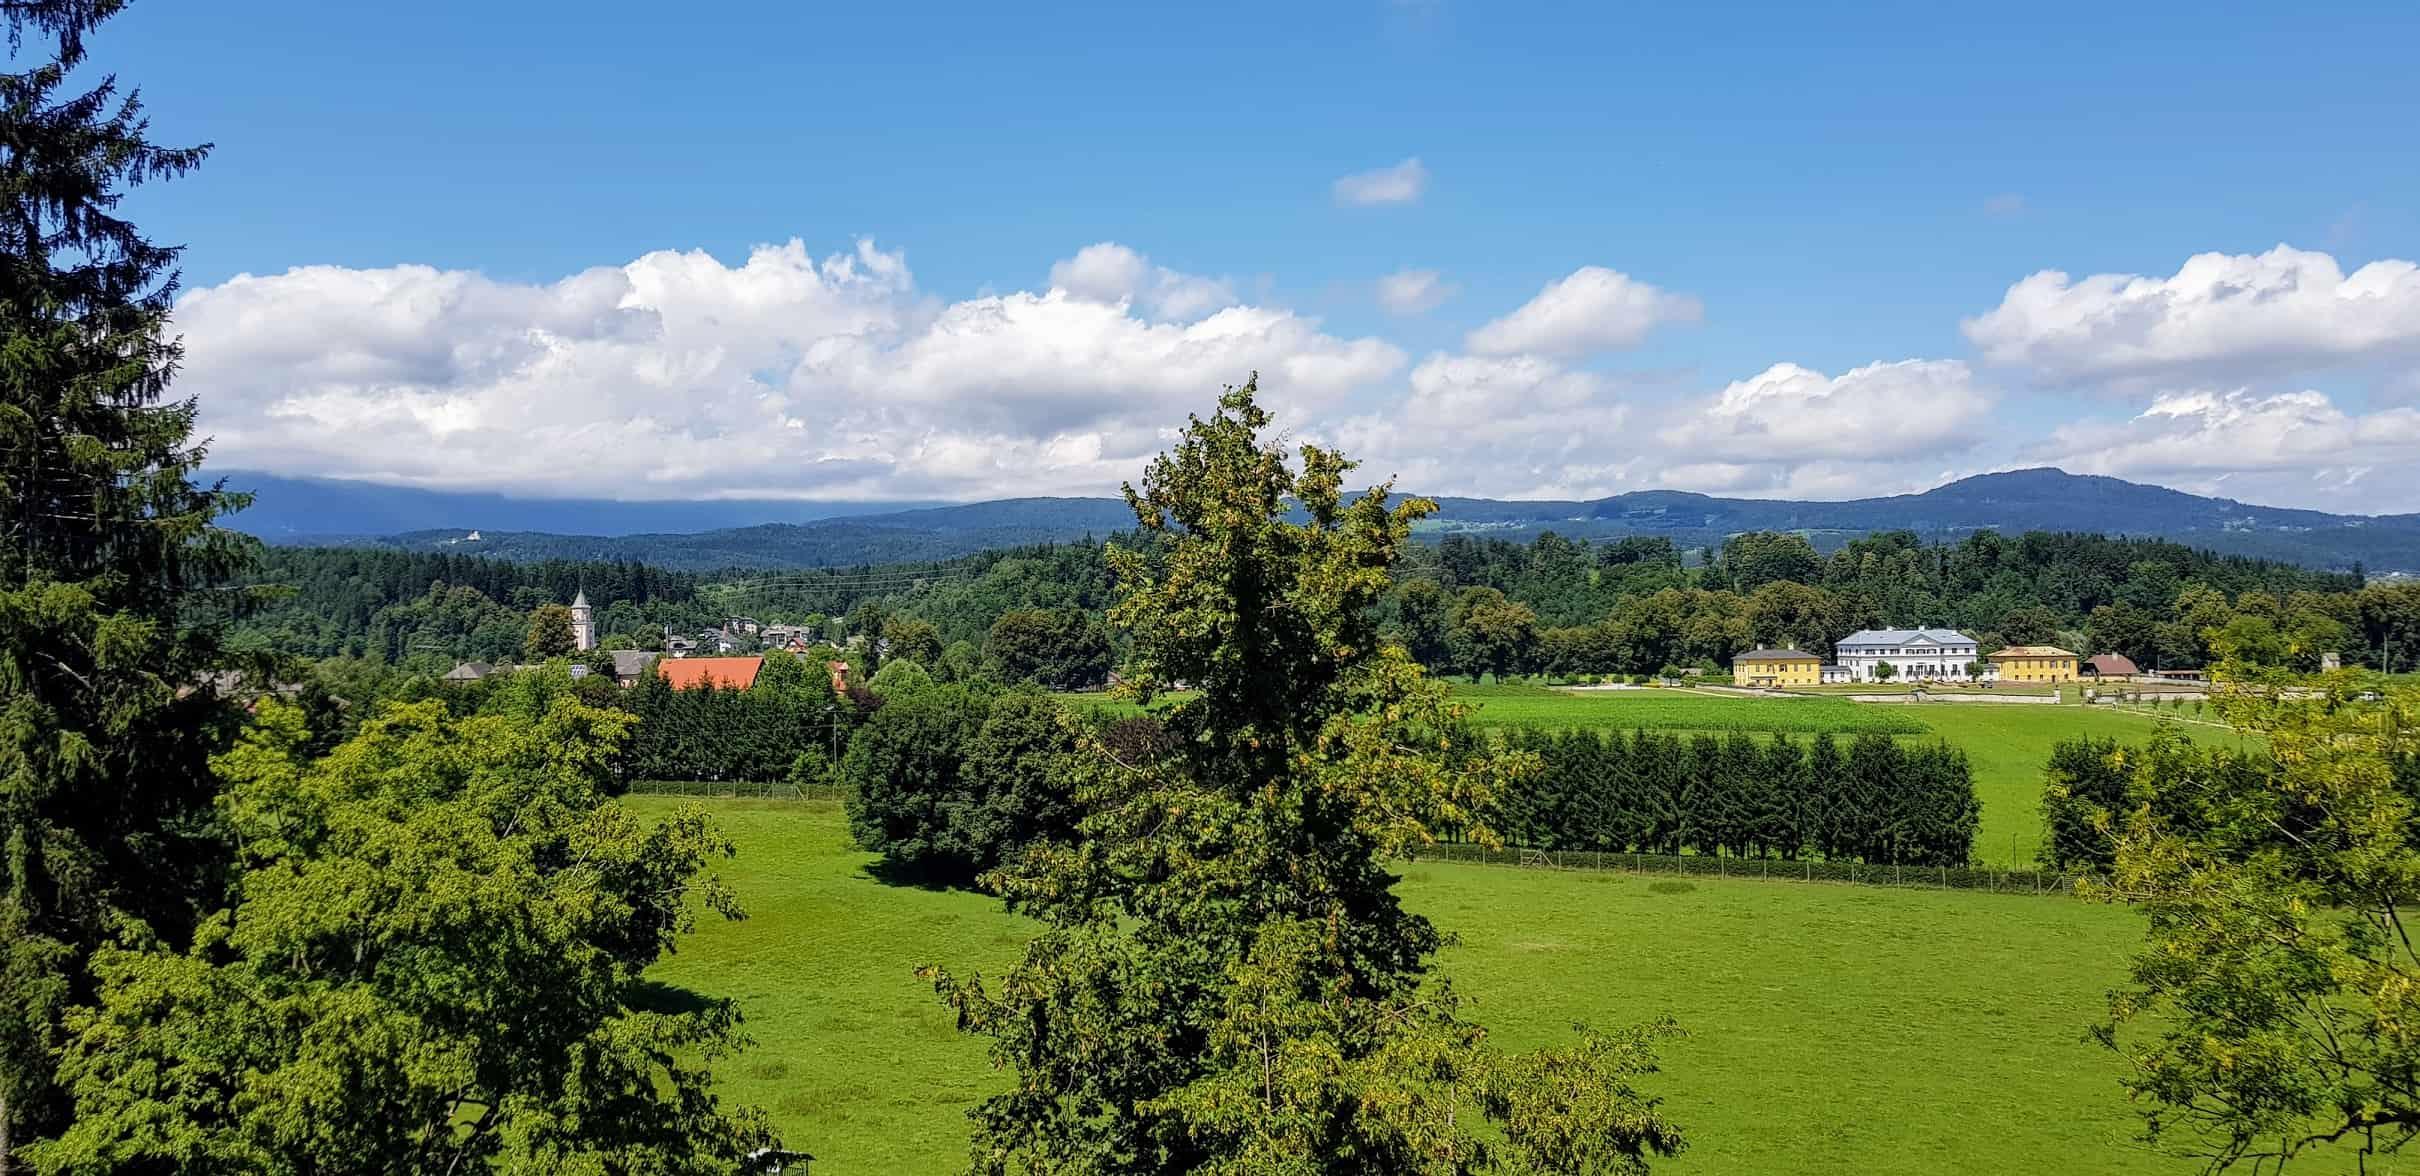 Rundgang Tierpark Rosegg mit Blick auf Schloss Rosegg in Kärnten